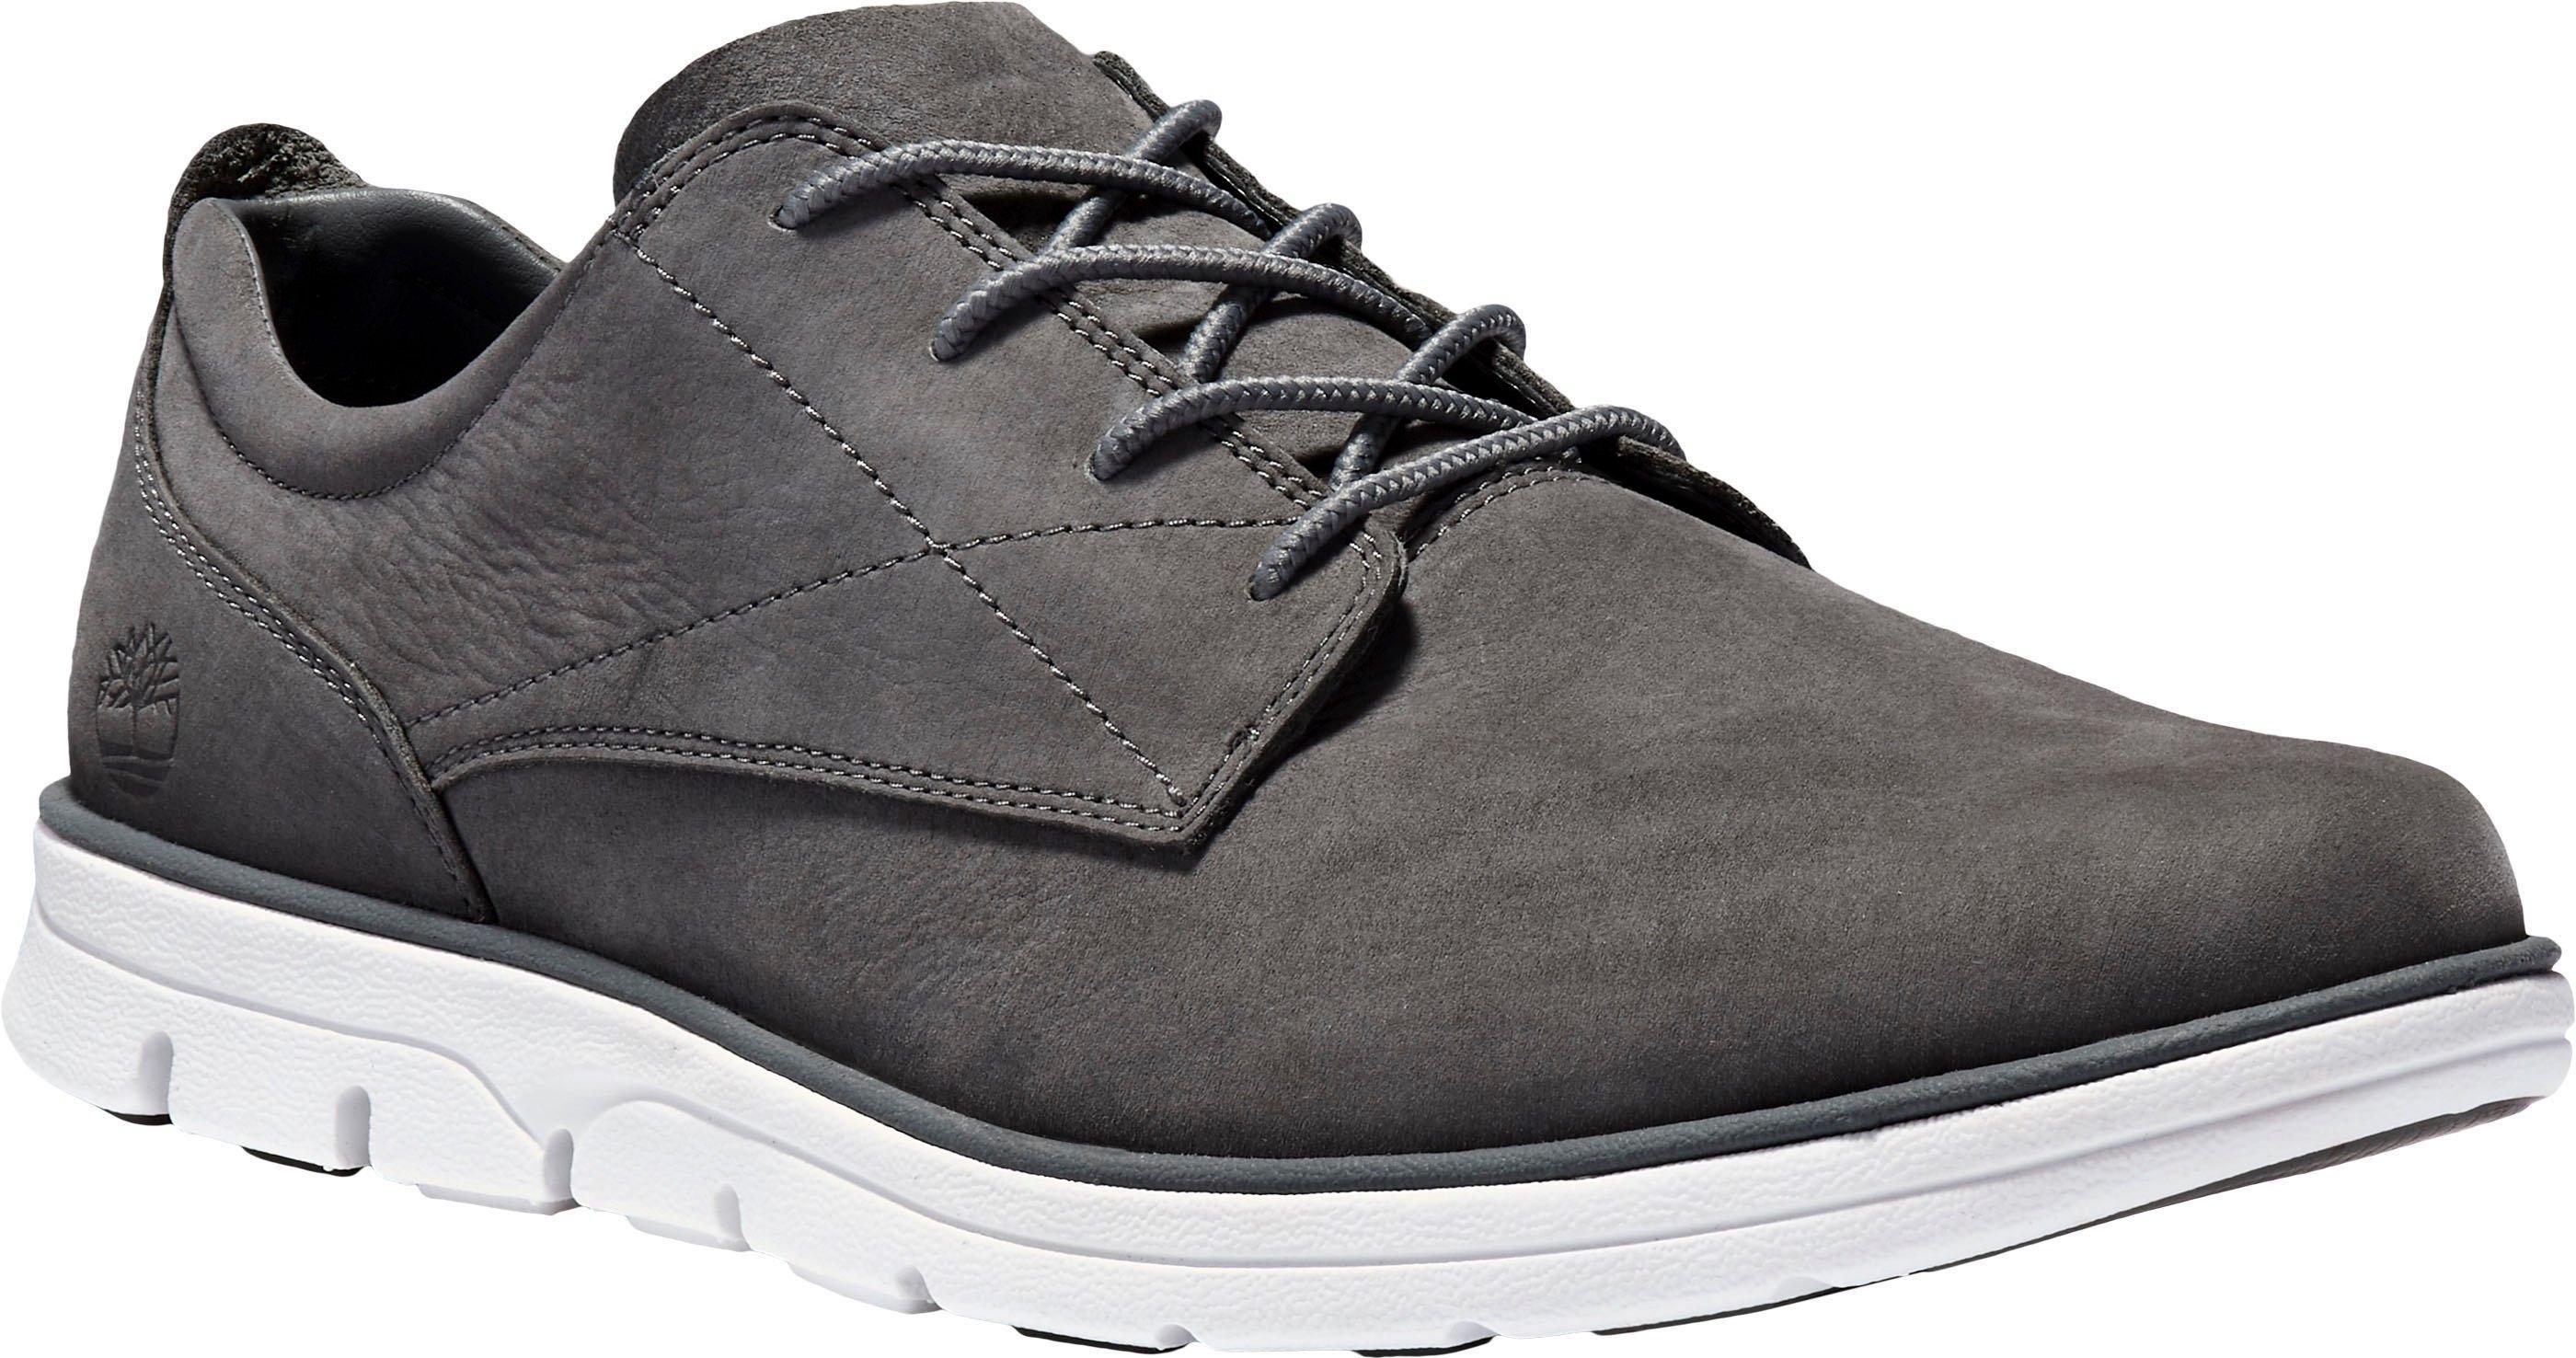 Timberland sneakers Bradstreet PT Oxford online kopen op otto.nl